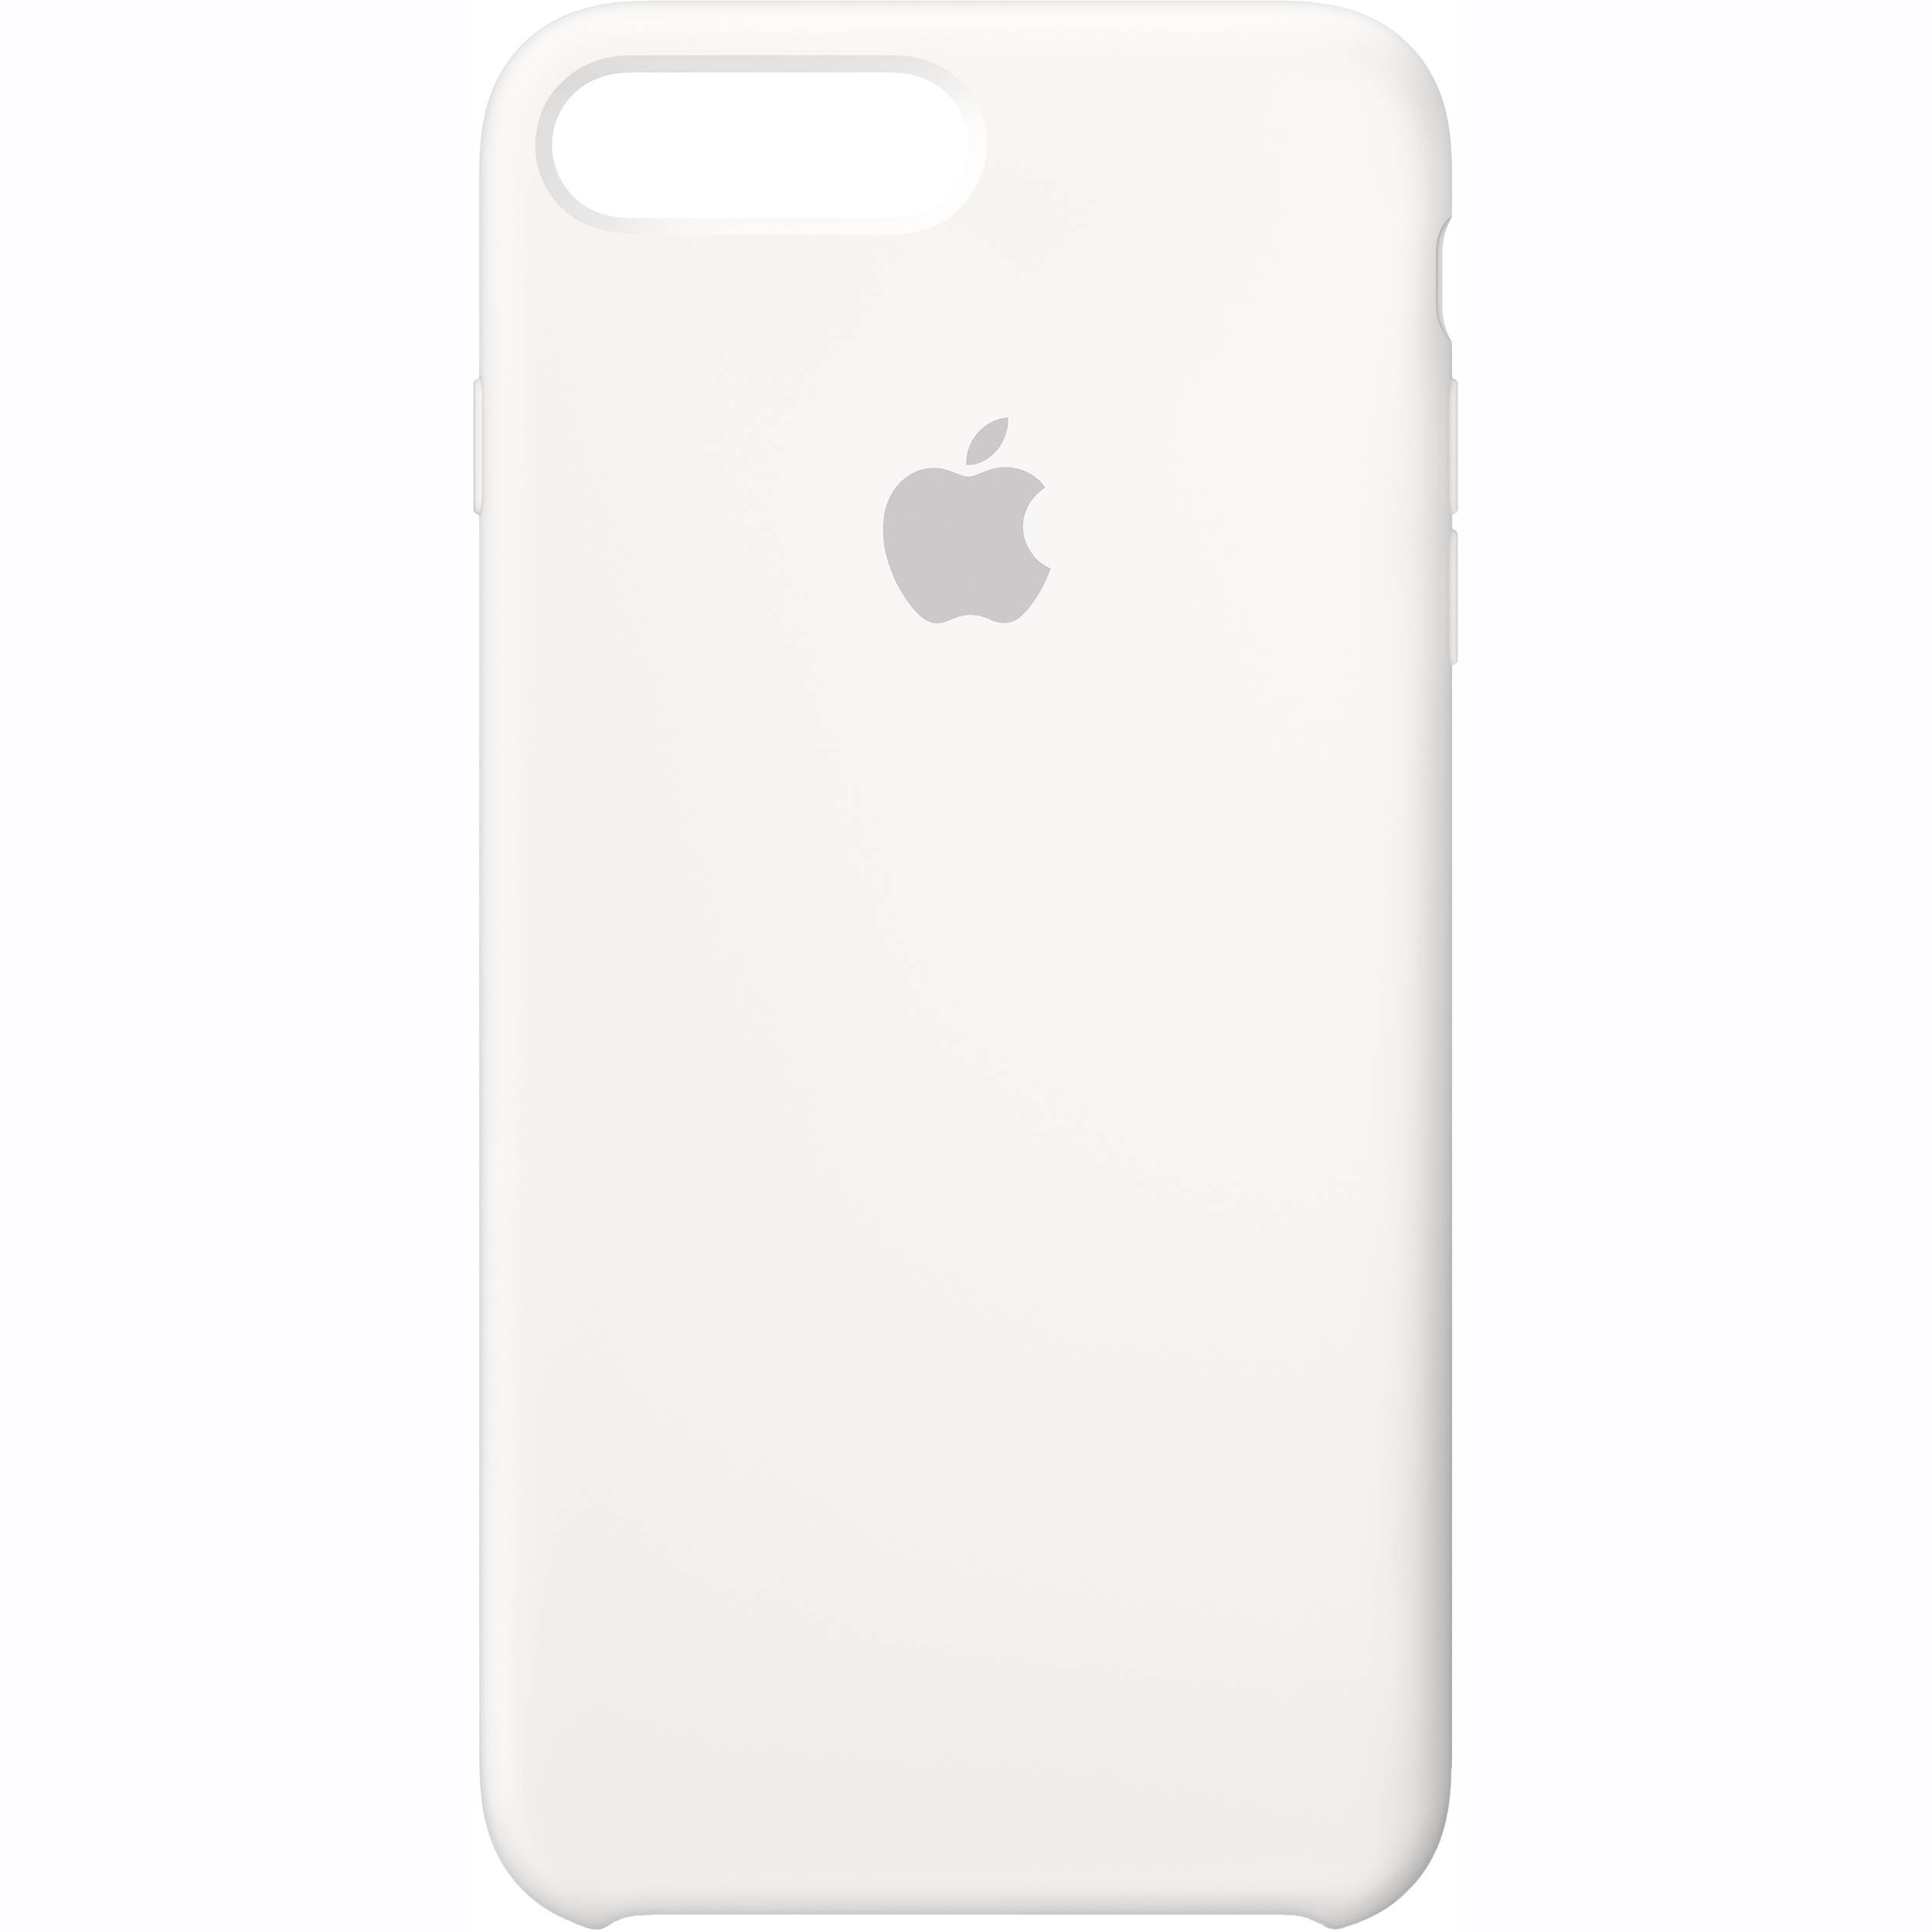 apple phone case iphone 7 plus